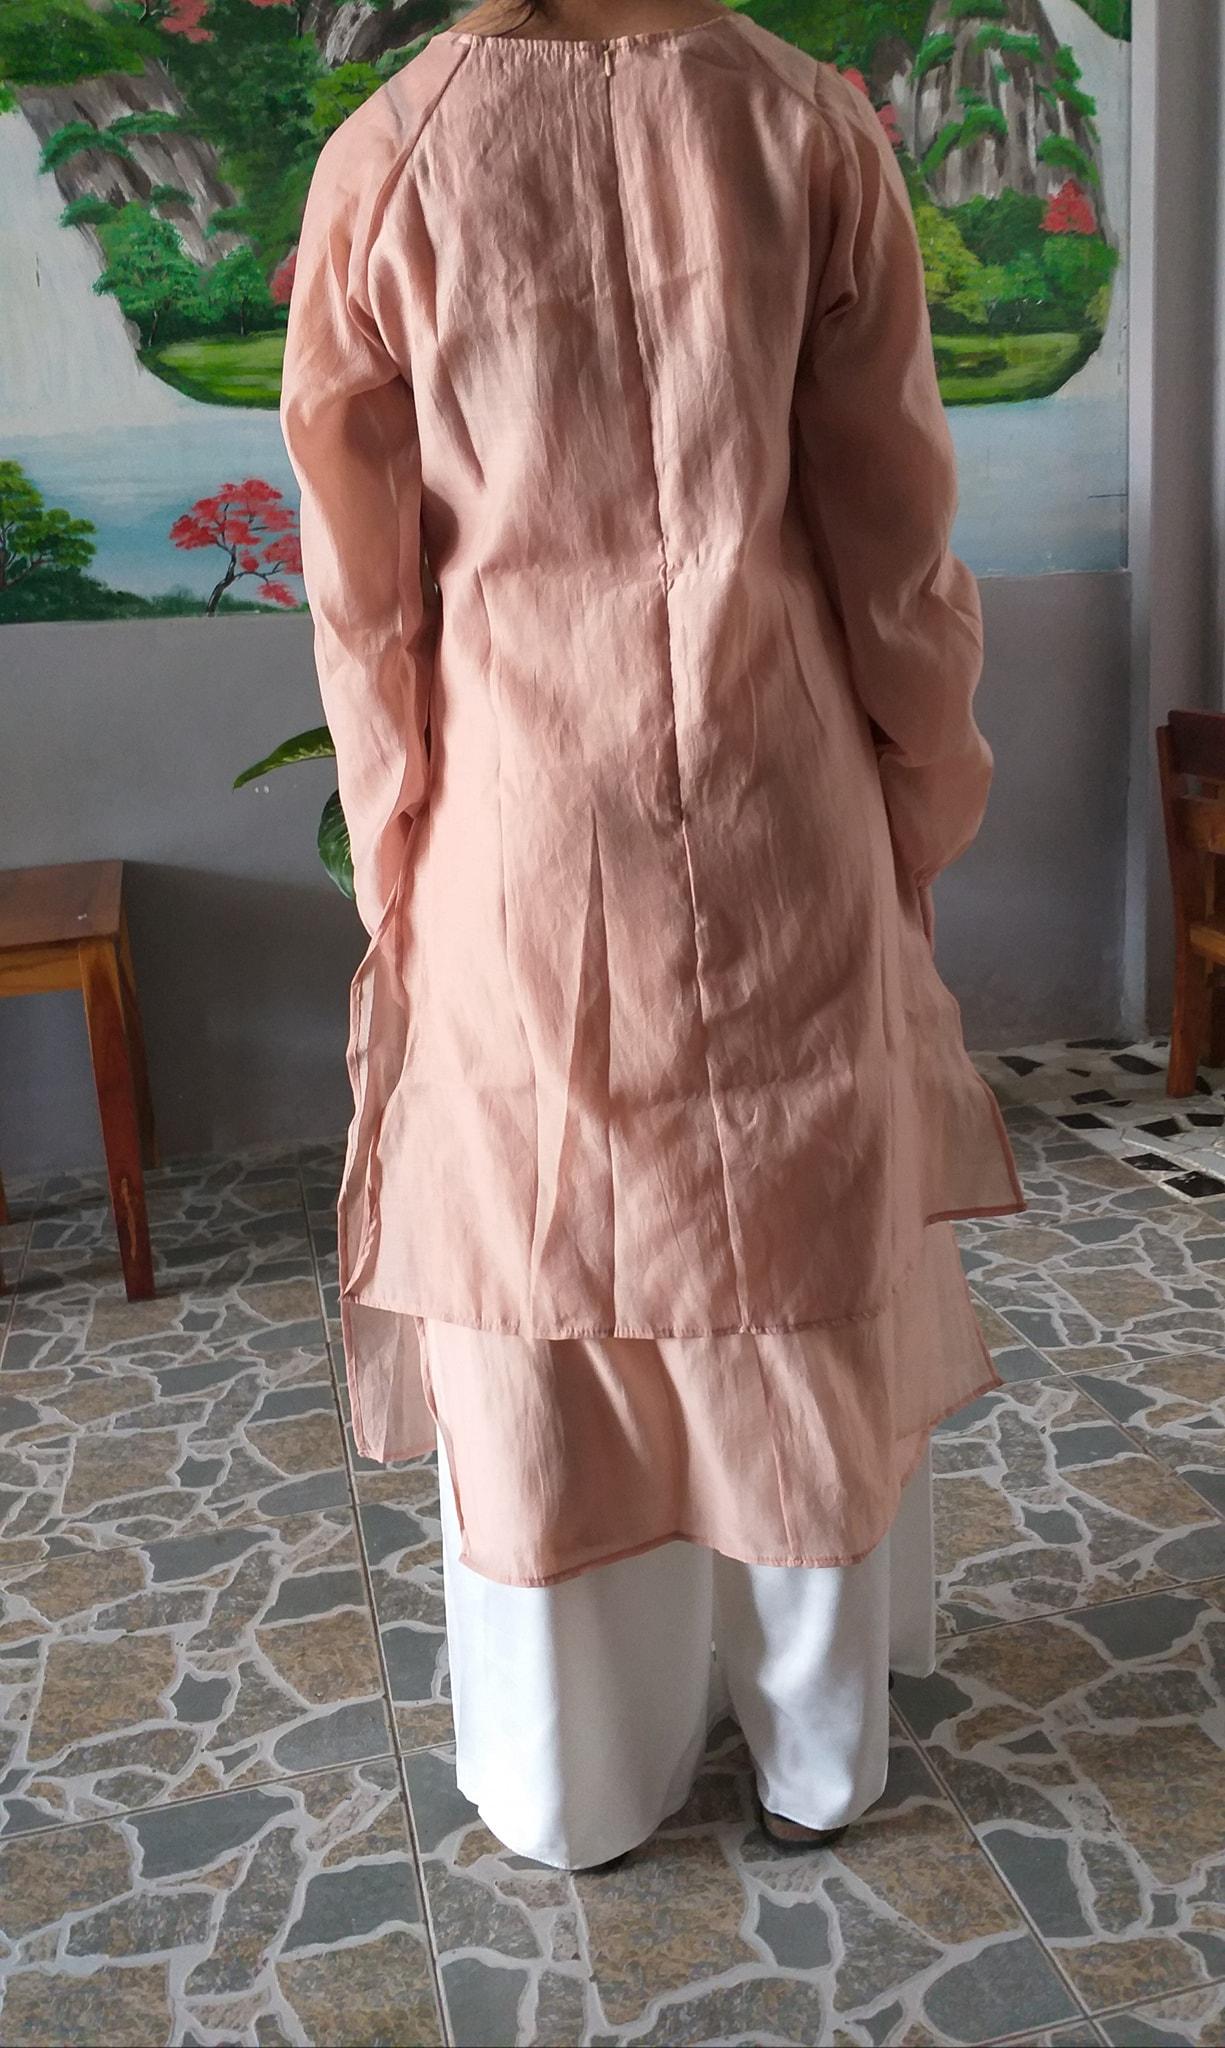 """Tôi đặt mua áo dài diện Tết giá 310k, hình mẫu khác xa với hàng nhận được nhưng bức xúc nhất là câu trả lời """"xanh rờn"""" của shop - Mix & Phối 3"""